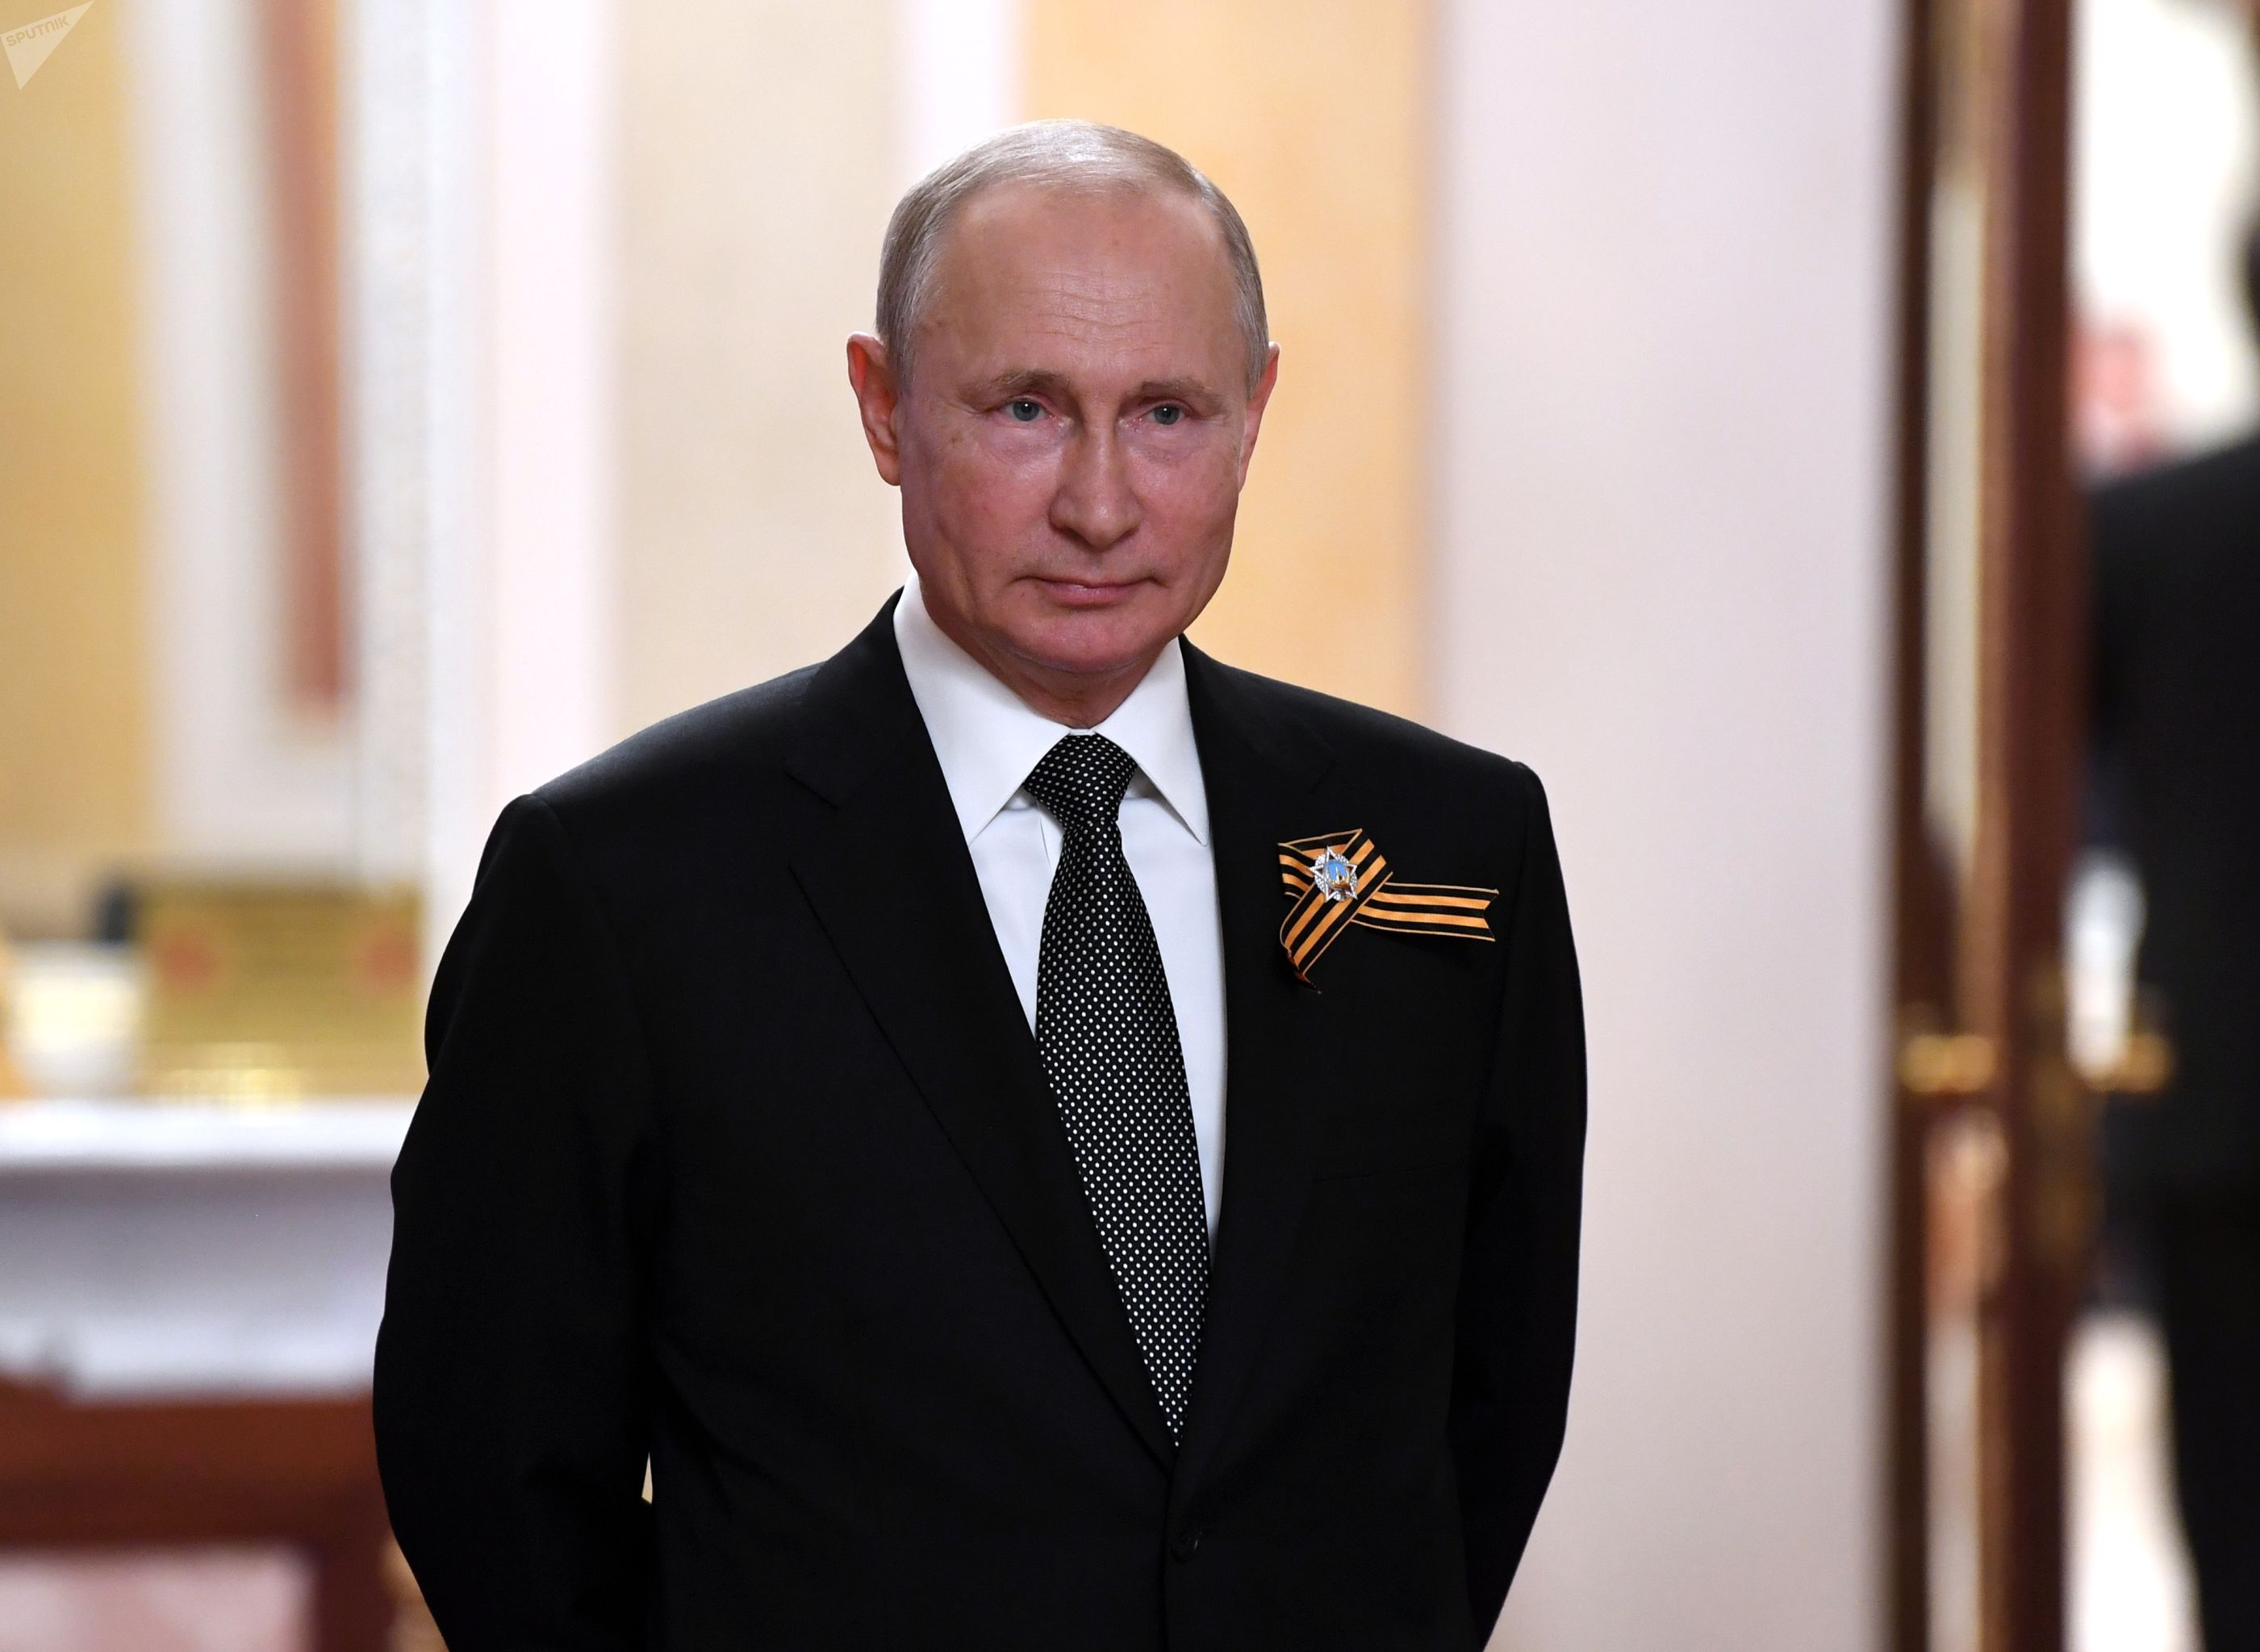 Президент РФ Владимир Путин встречает в Кремле глав иностранных государств, приглашенных на военный парад в ознаменование 75-летия Победы в Великой Отечественной войне 1941-1945 годов.